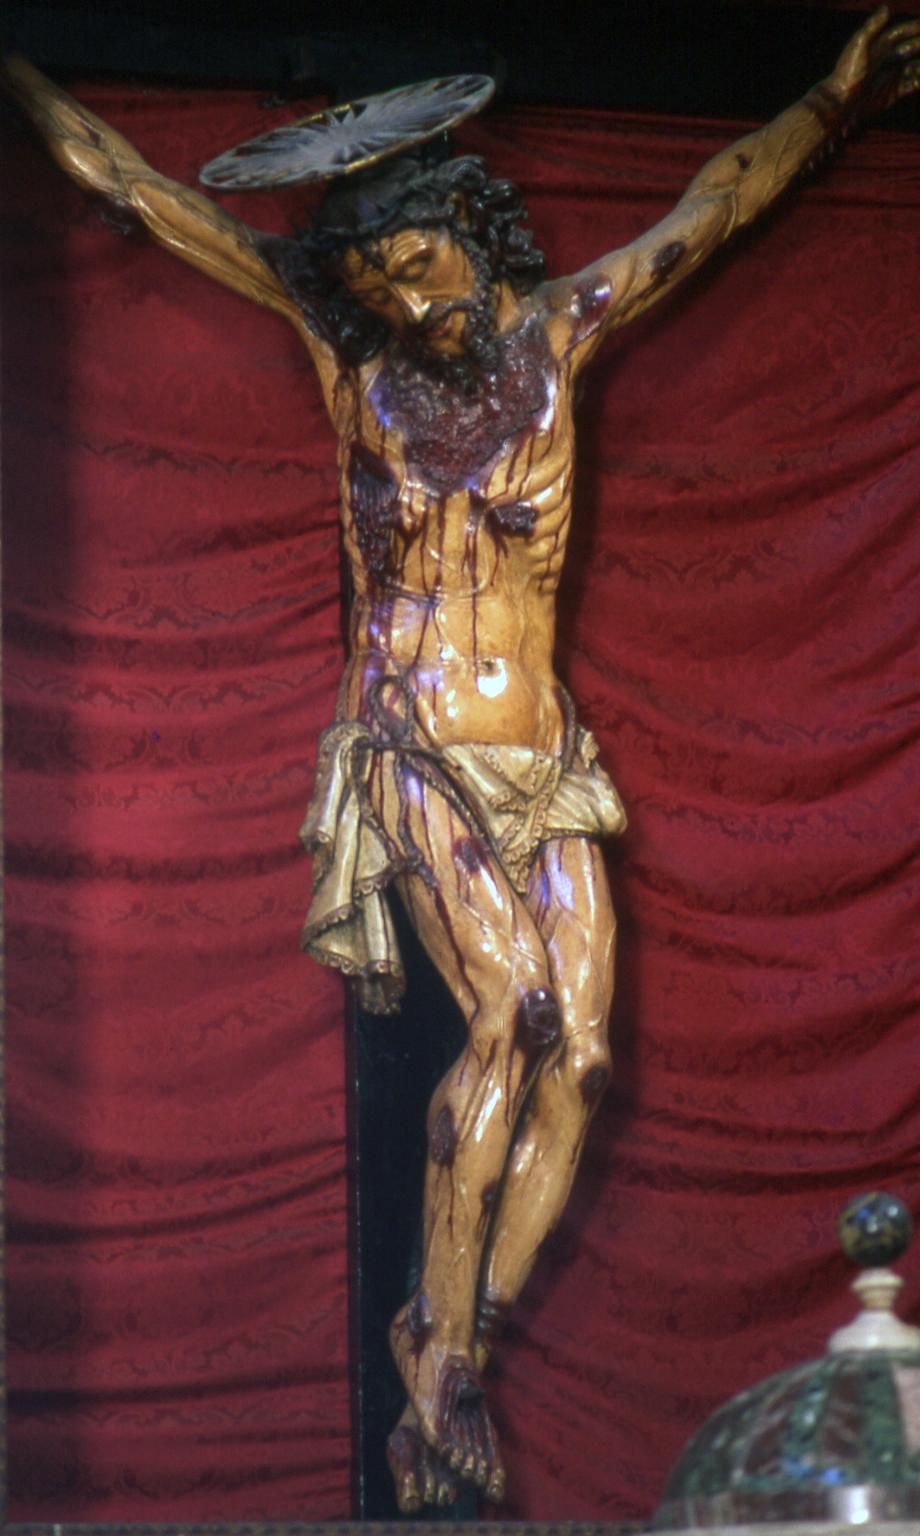 ill. 3: G. Baccari (?) 1672-1673, Crocifisso, legno scolpito e dipinto